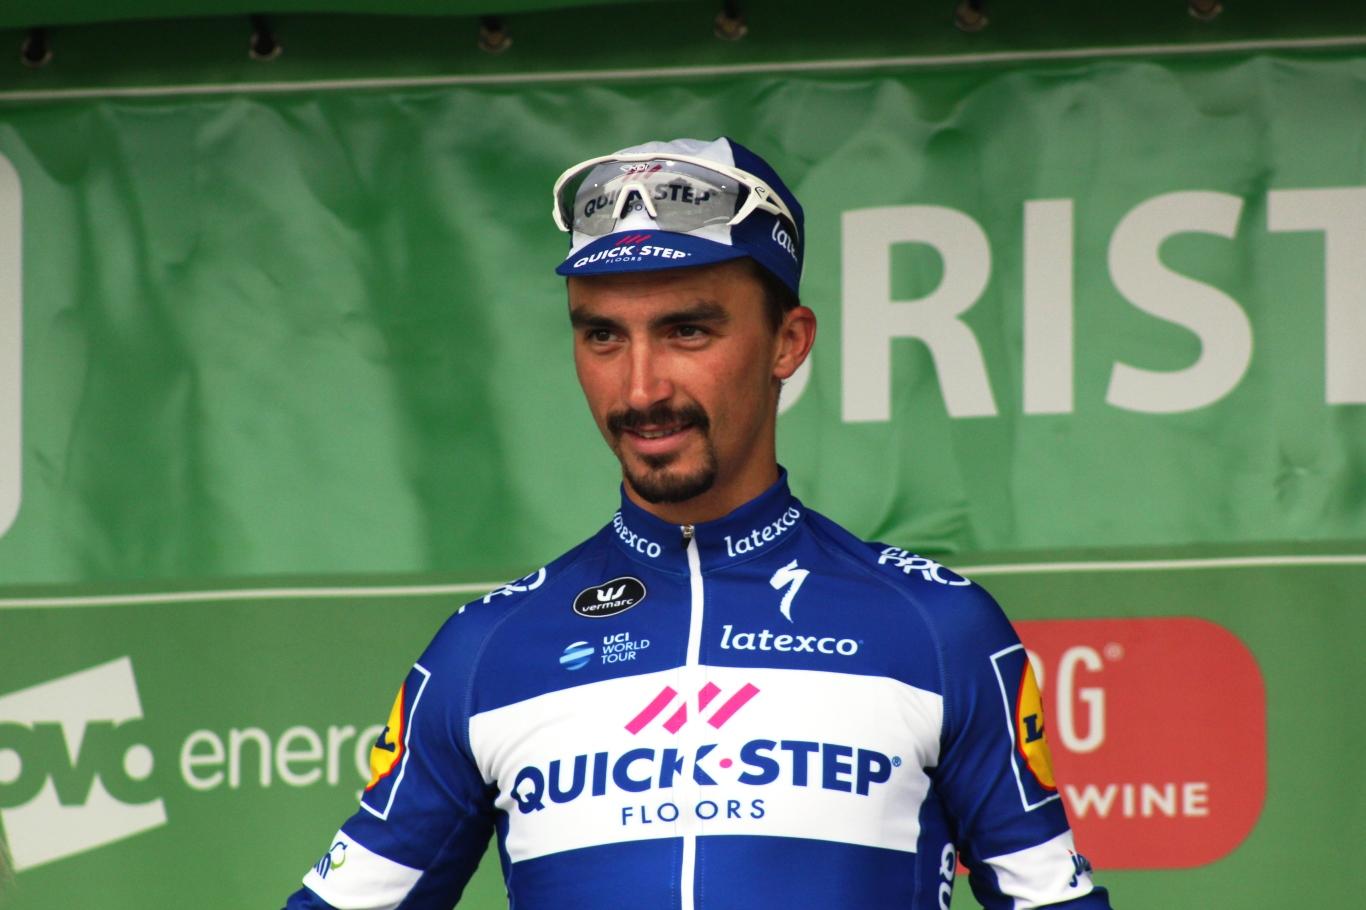 El resident Julian Alaphilippe guanya la tercera etapa del Tour i es vesteix el mallot groc